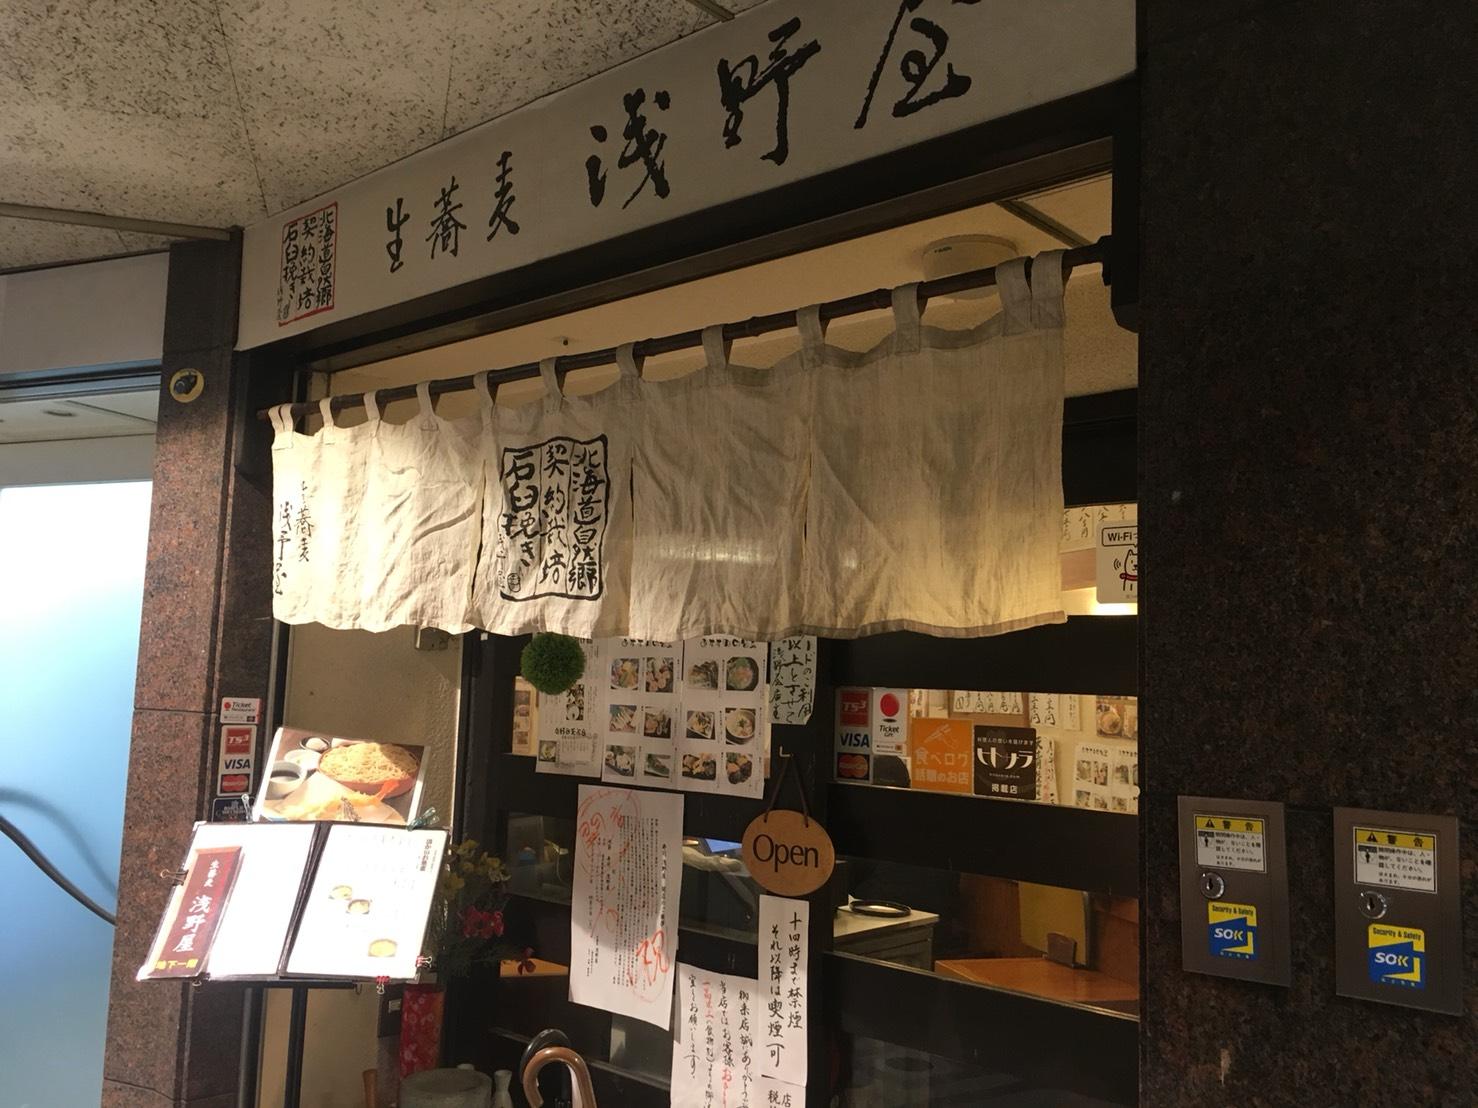 【池袋駅】生蕎麦とだし巻き玉子がしあわせ「浅野屋 池袋駅前本店」の店入口